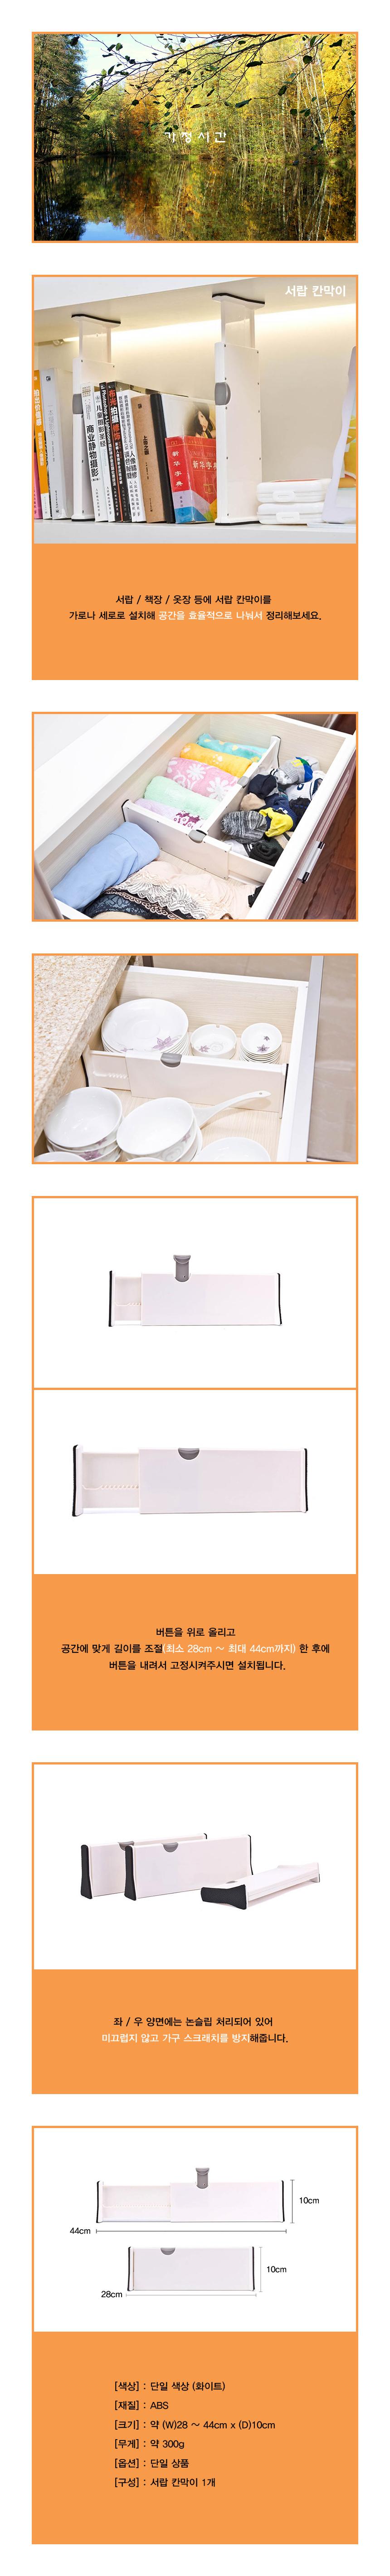 서랍칸막이 정리 수납 파티션 - 가정시간, 13,100원, 서랍장, 서랍 정리/칸막이